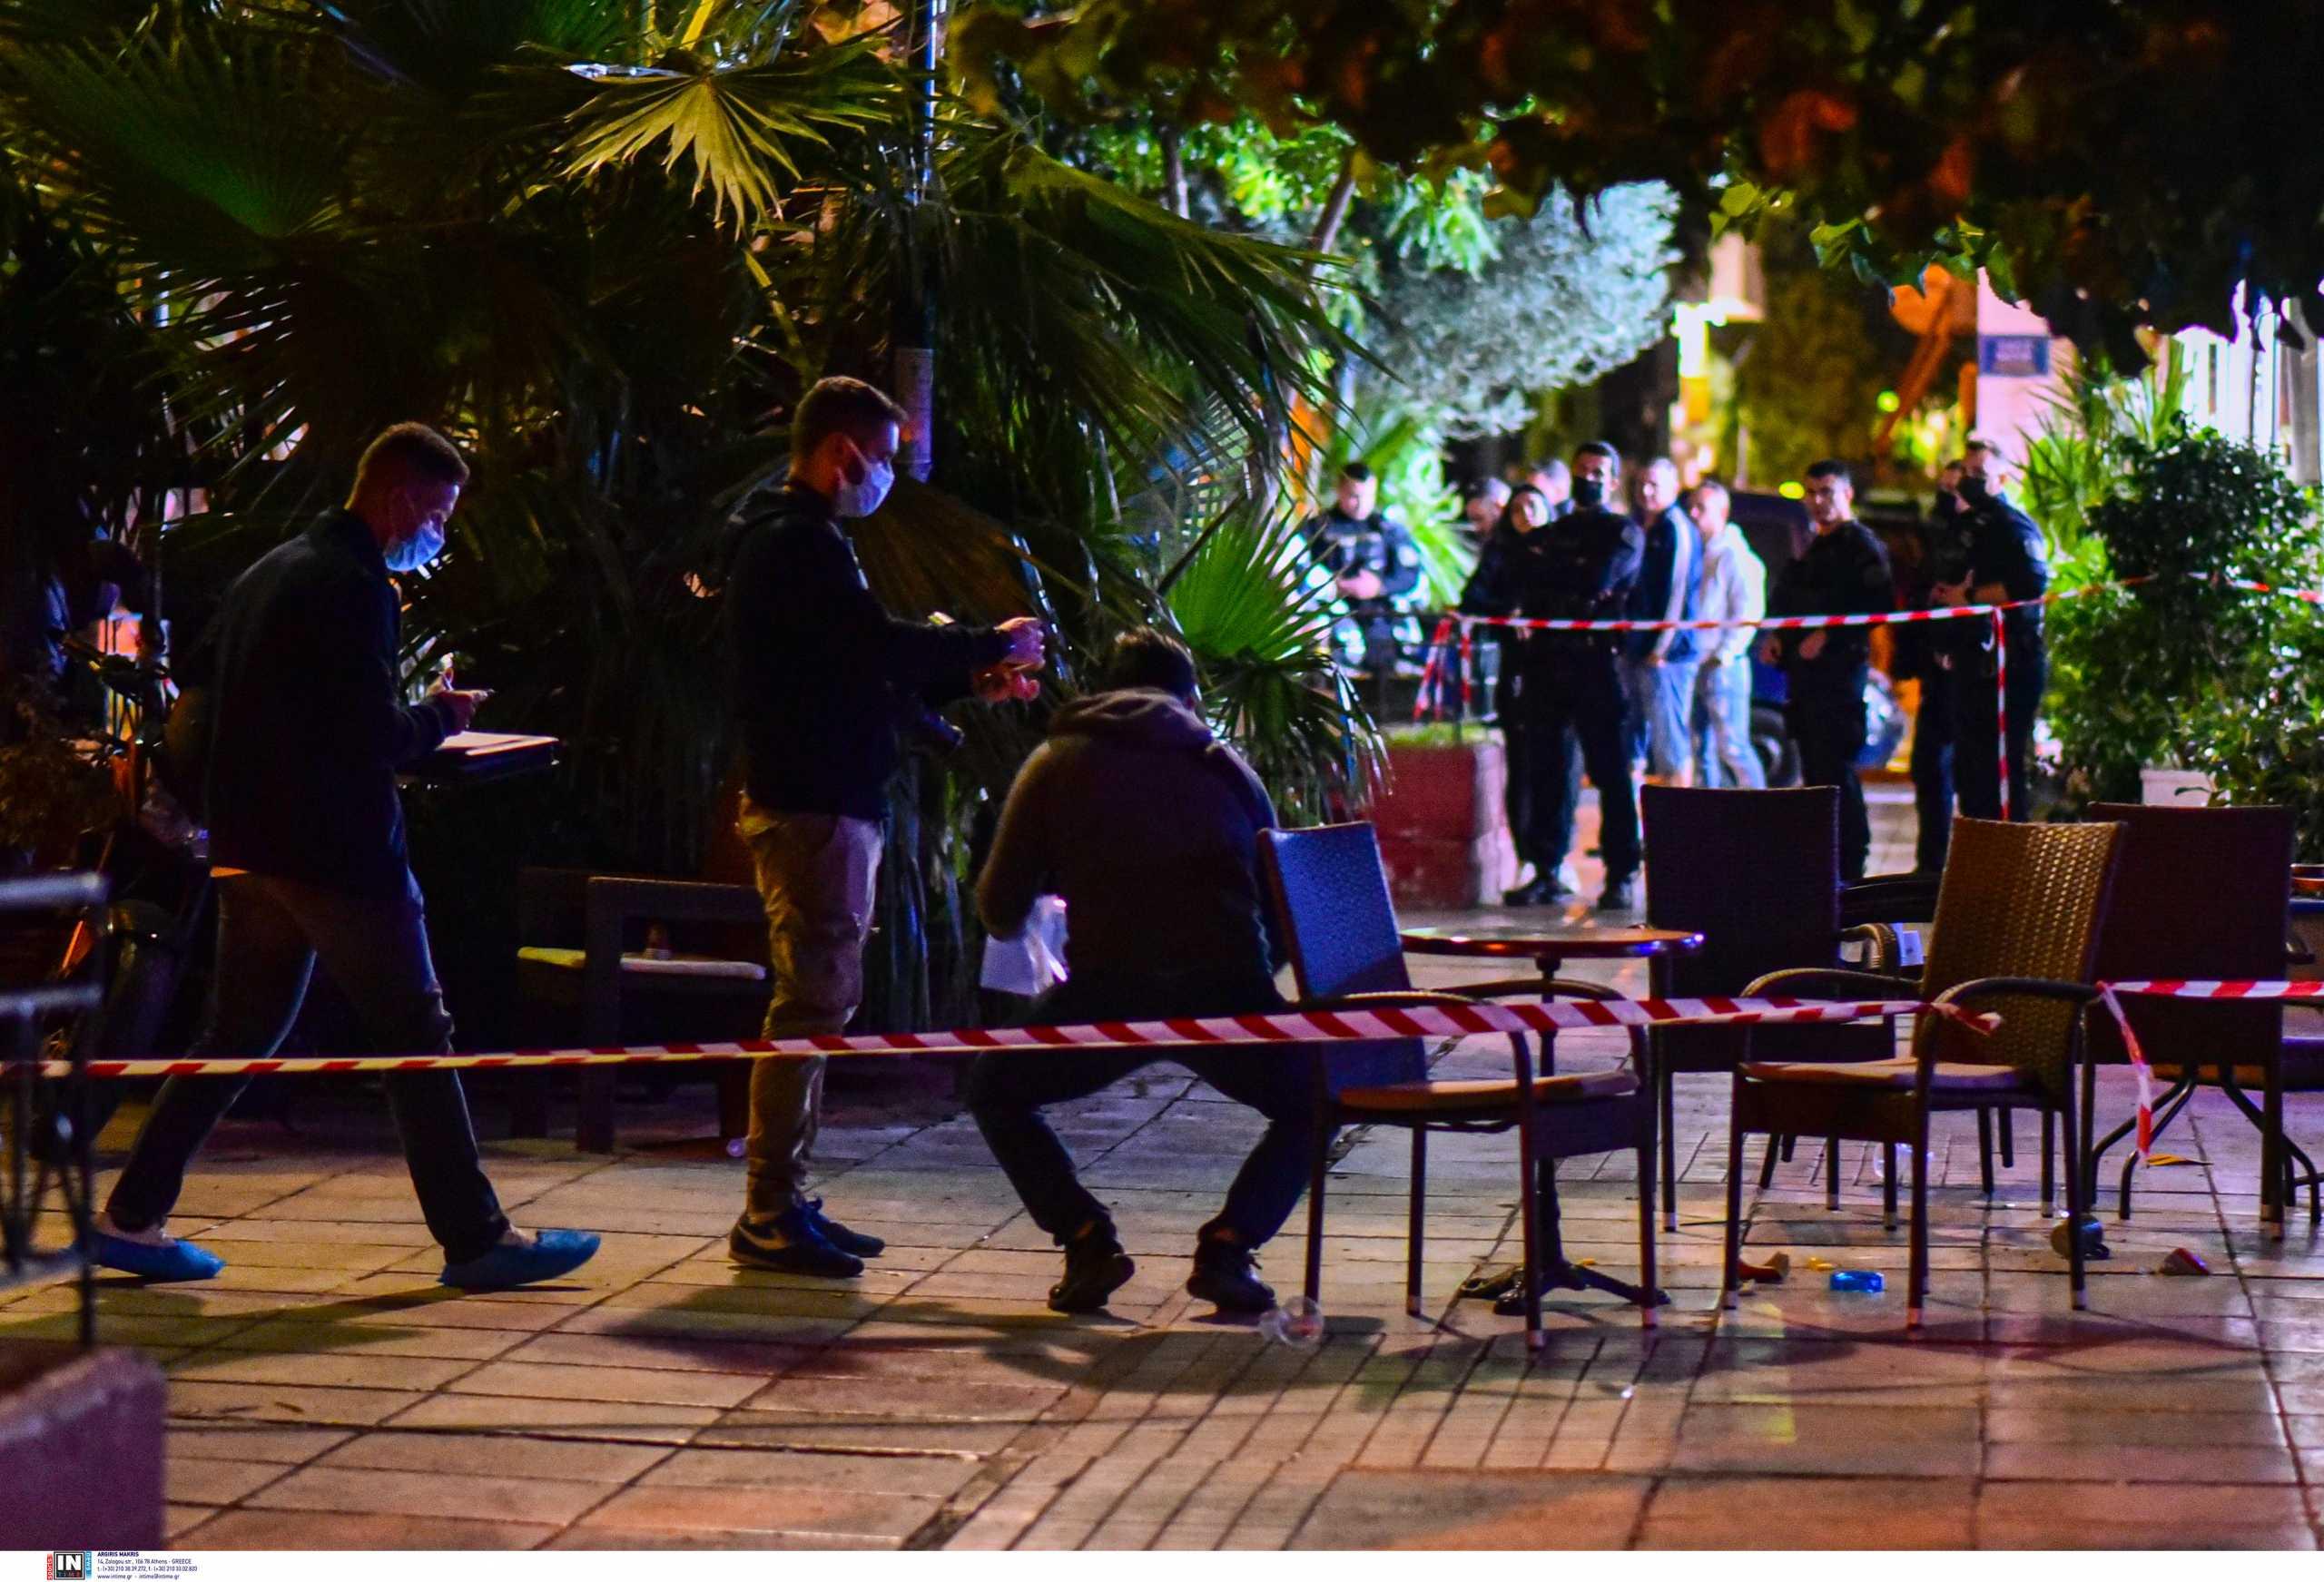 Άγιος Παντελεήμονας: «Βλέπουν» ξεκαθάρισμα λογαριασμών πίσω από η δολοφονία 38χρονου